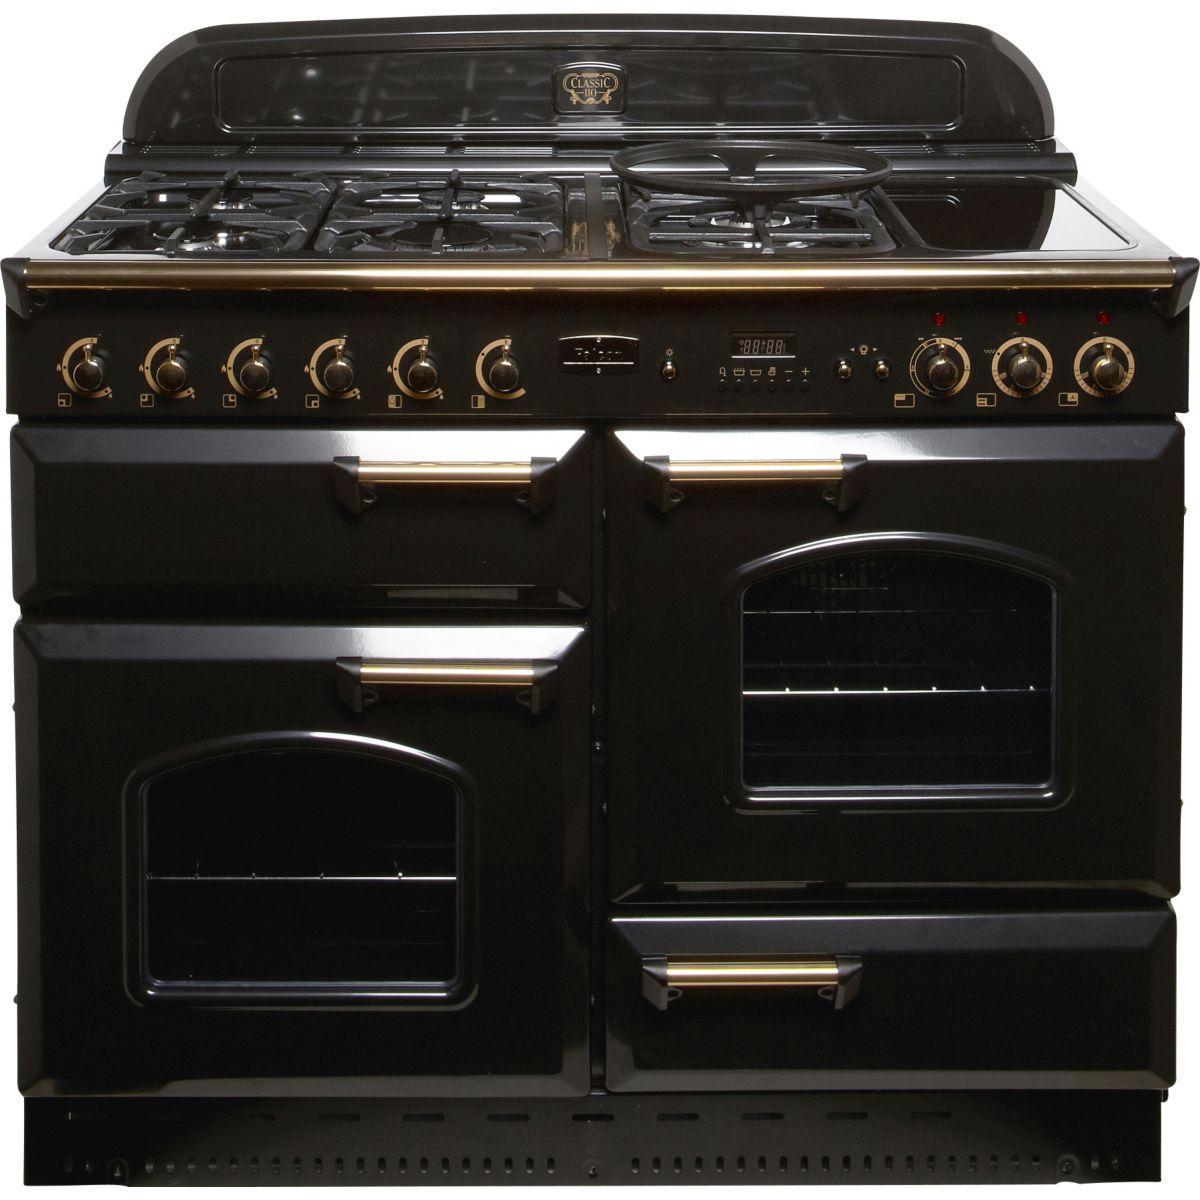 Piano de cuisson falcon classic 110 mixte noir laiton - 20% de remise : code gam20 (photo)